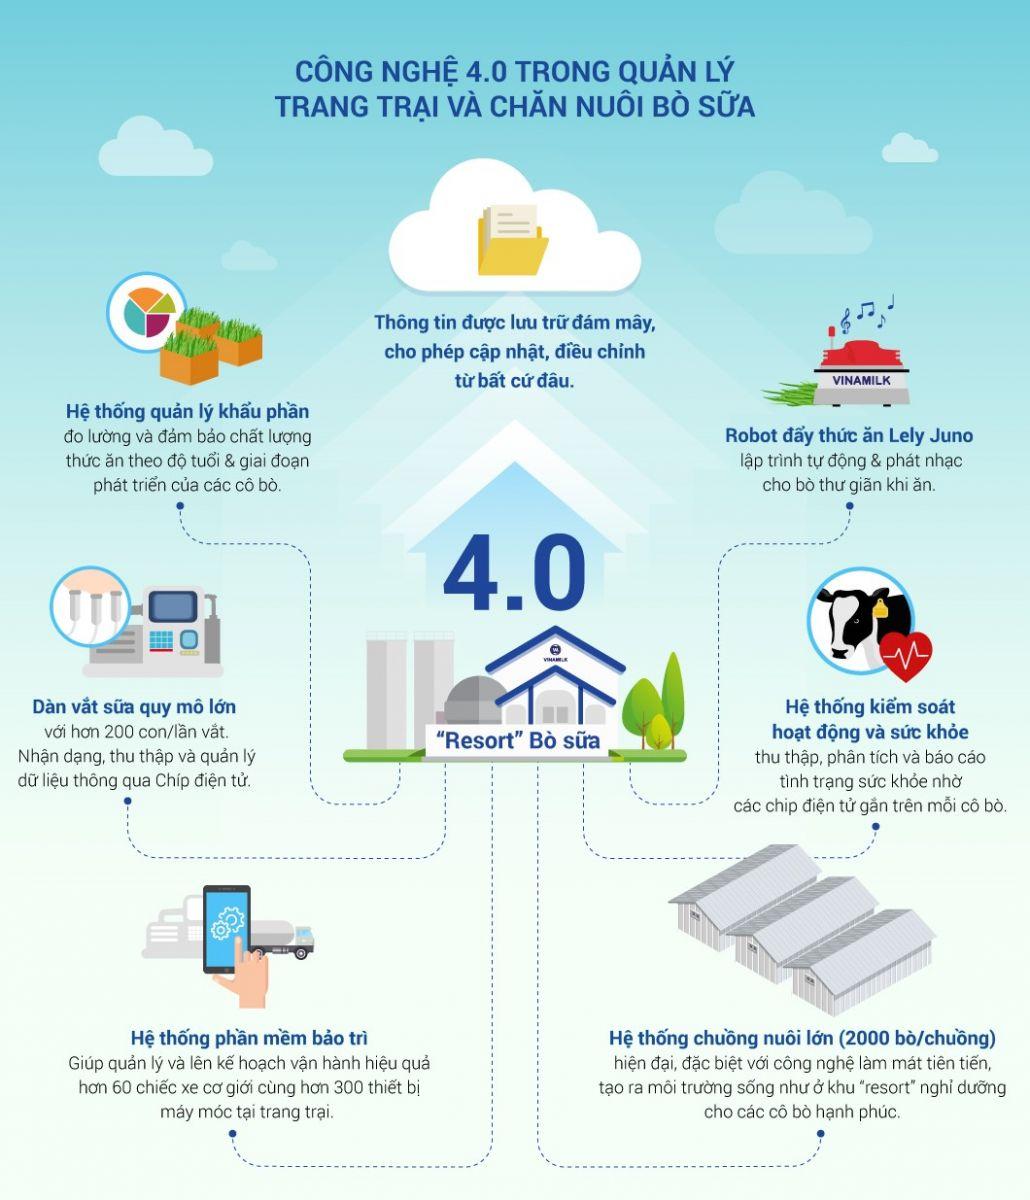 Tại sao chăn nuôi bò sữa lại phát triển mạnh ven các thành phố lớn như Tp. Hồ Chí Minh, Hà Nội...?